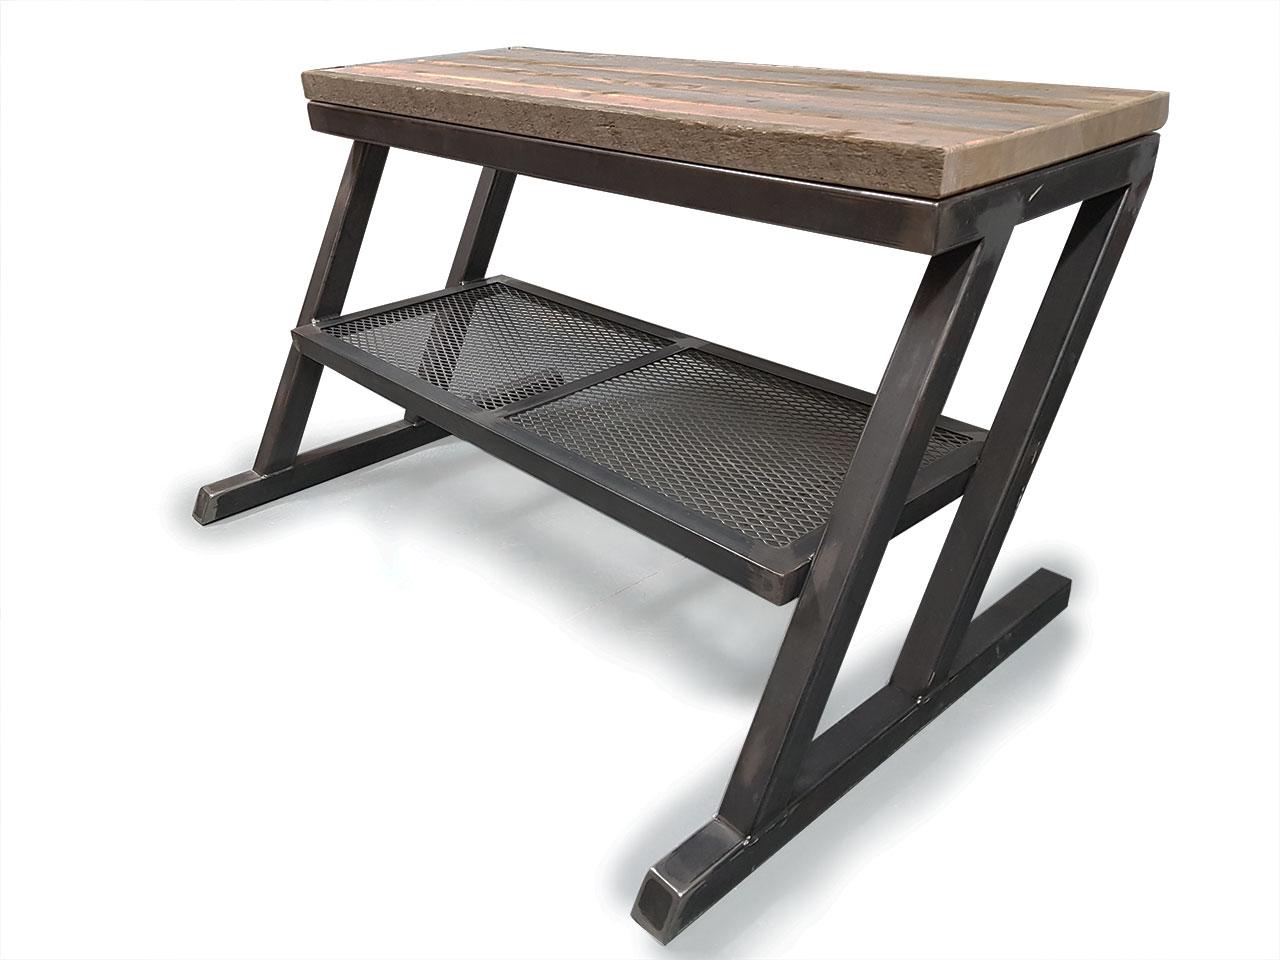 meuble tele bois recycle et structure d acier